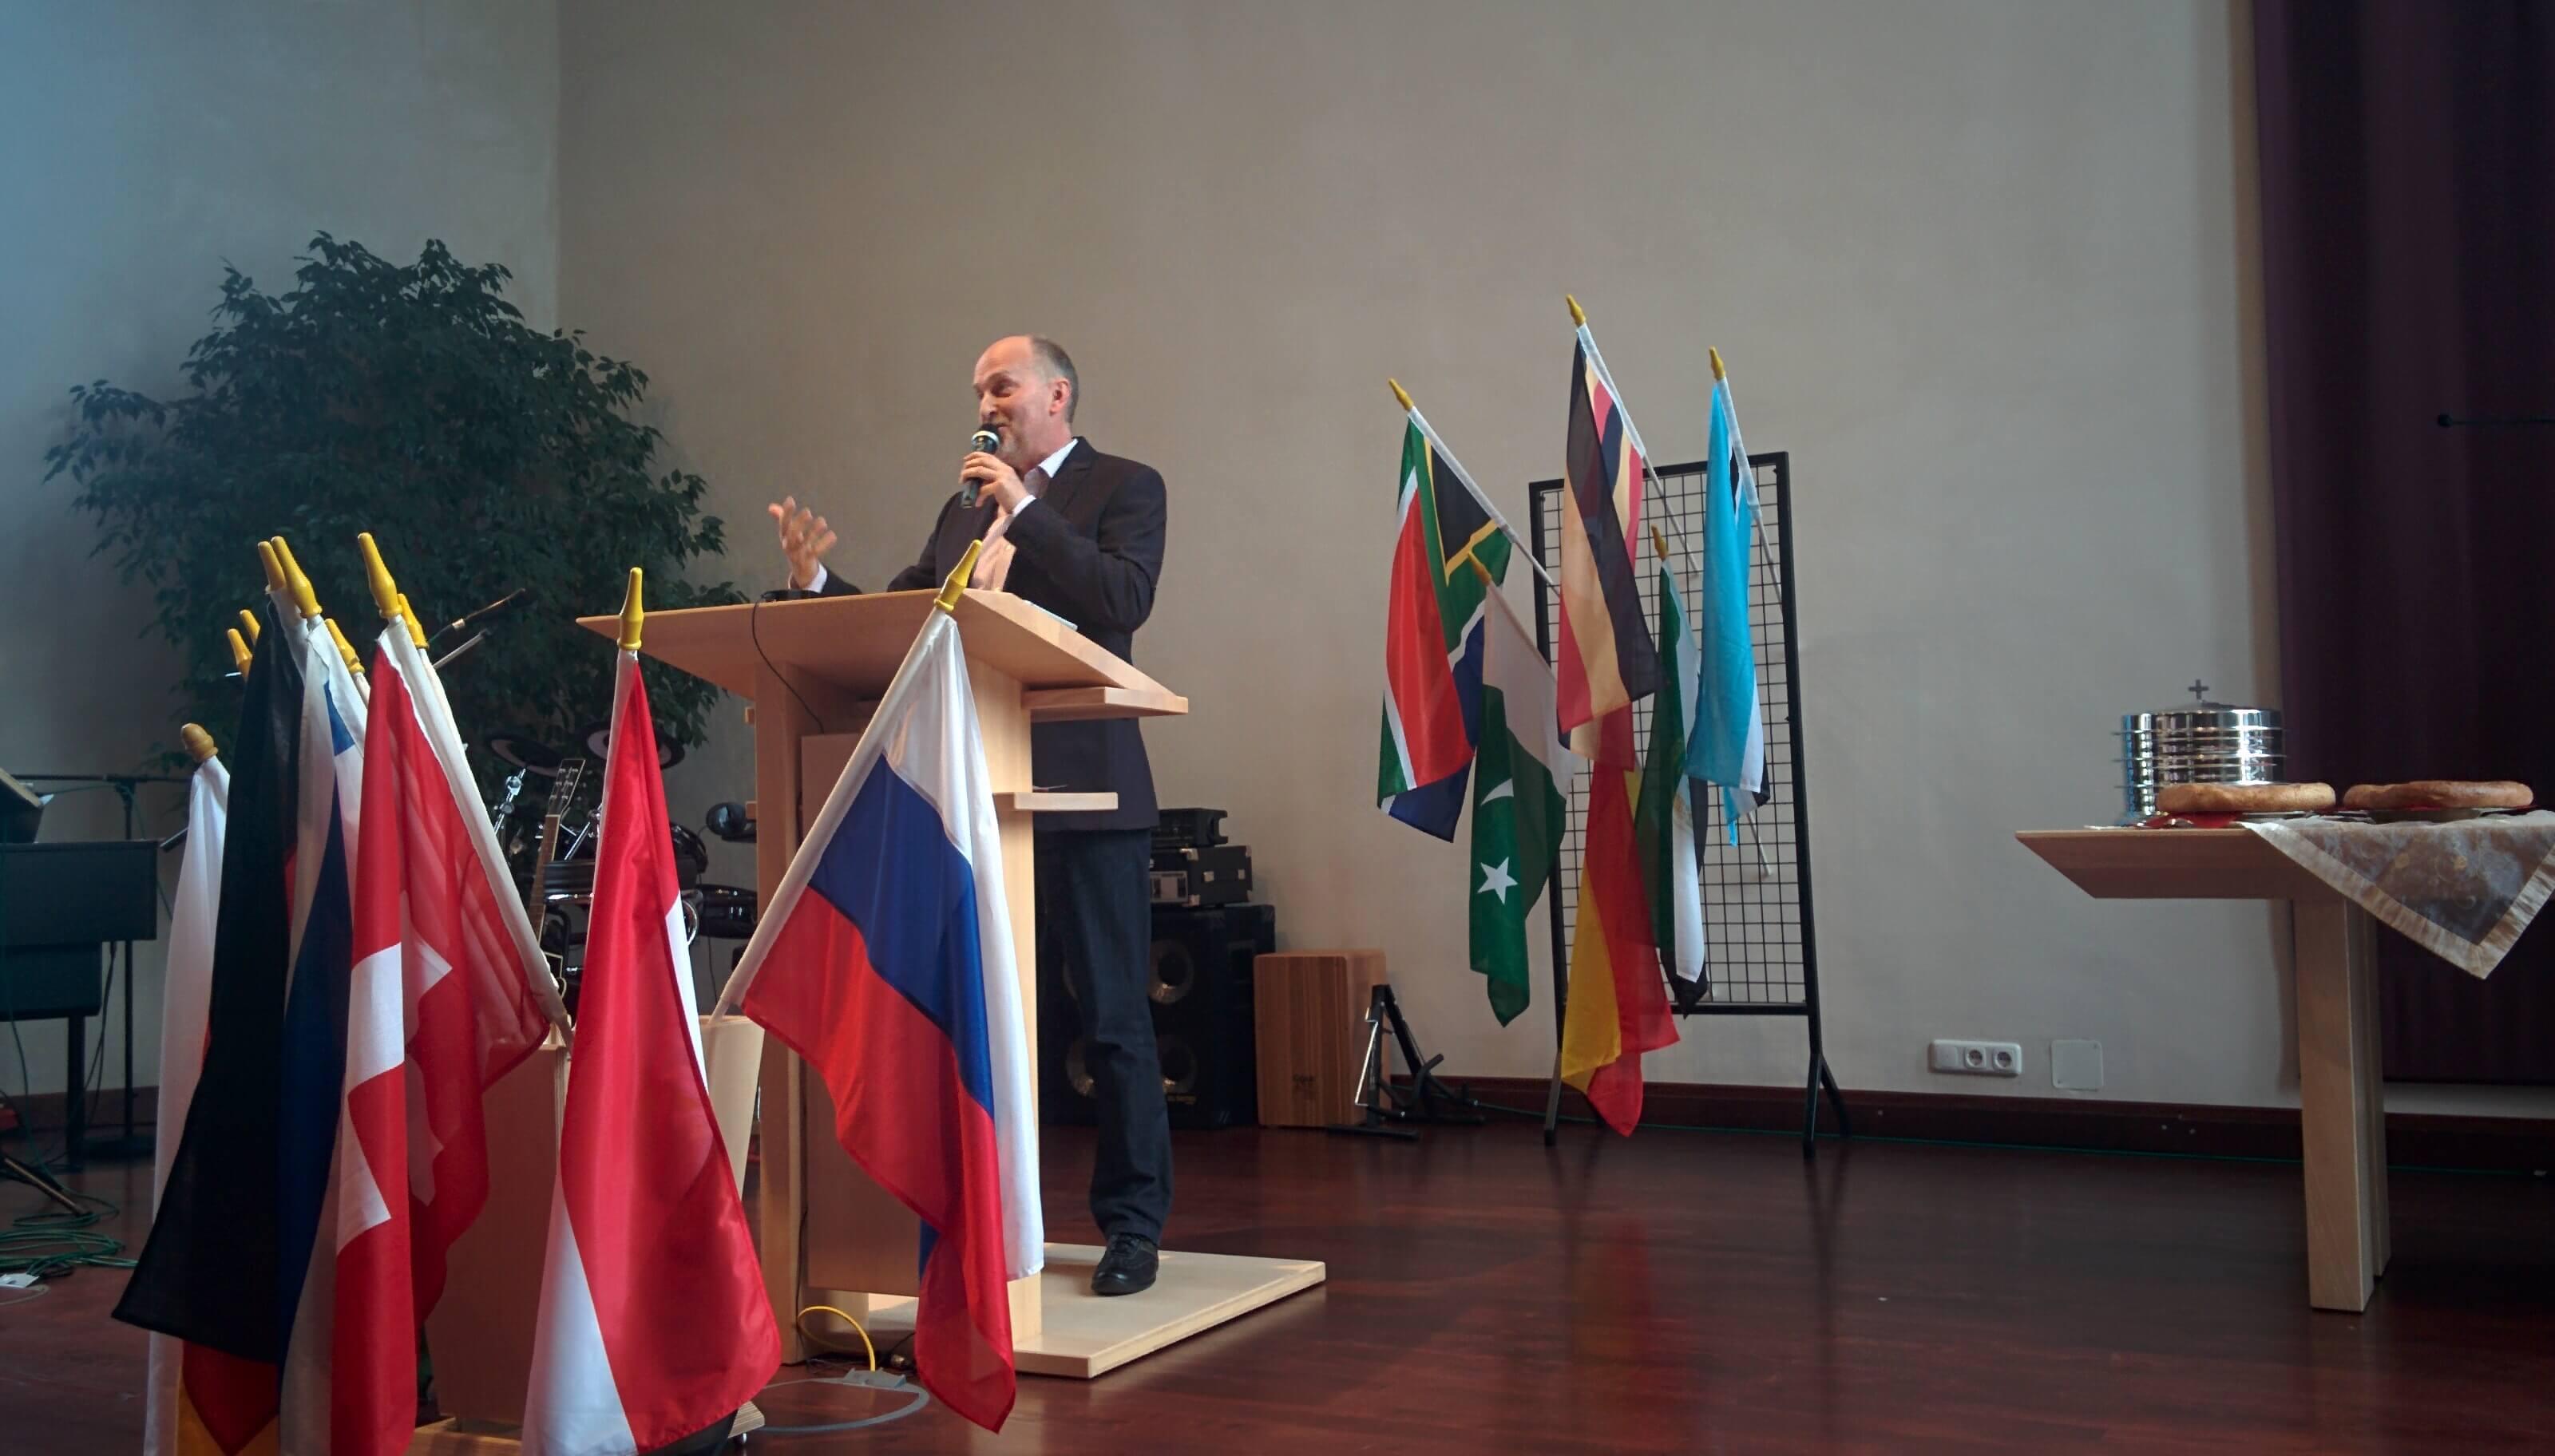 Gemeinsam auf Kurs 2016: Predigt von Jürgen Klammt